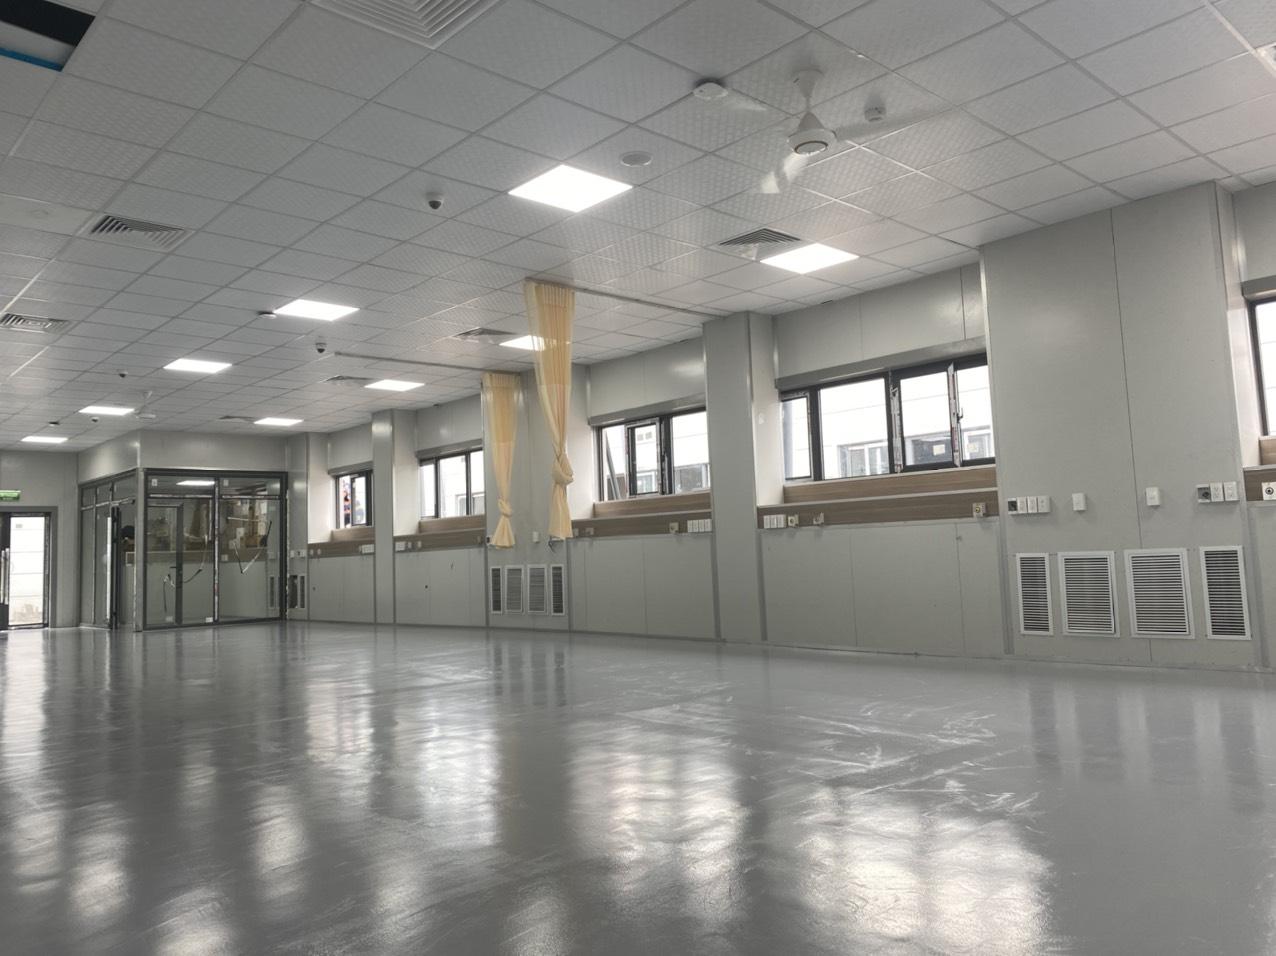 Một khu vực tại bệnh viện dã chiến Hoàng Mai đã lắp đặt xong hê thống điều hòa, ảnh chụp ngày 22/8. Ảnh: Văn Cường